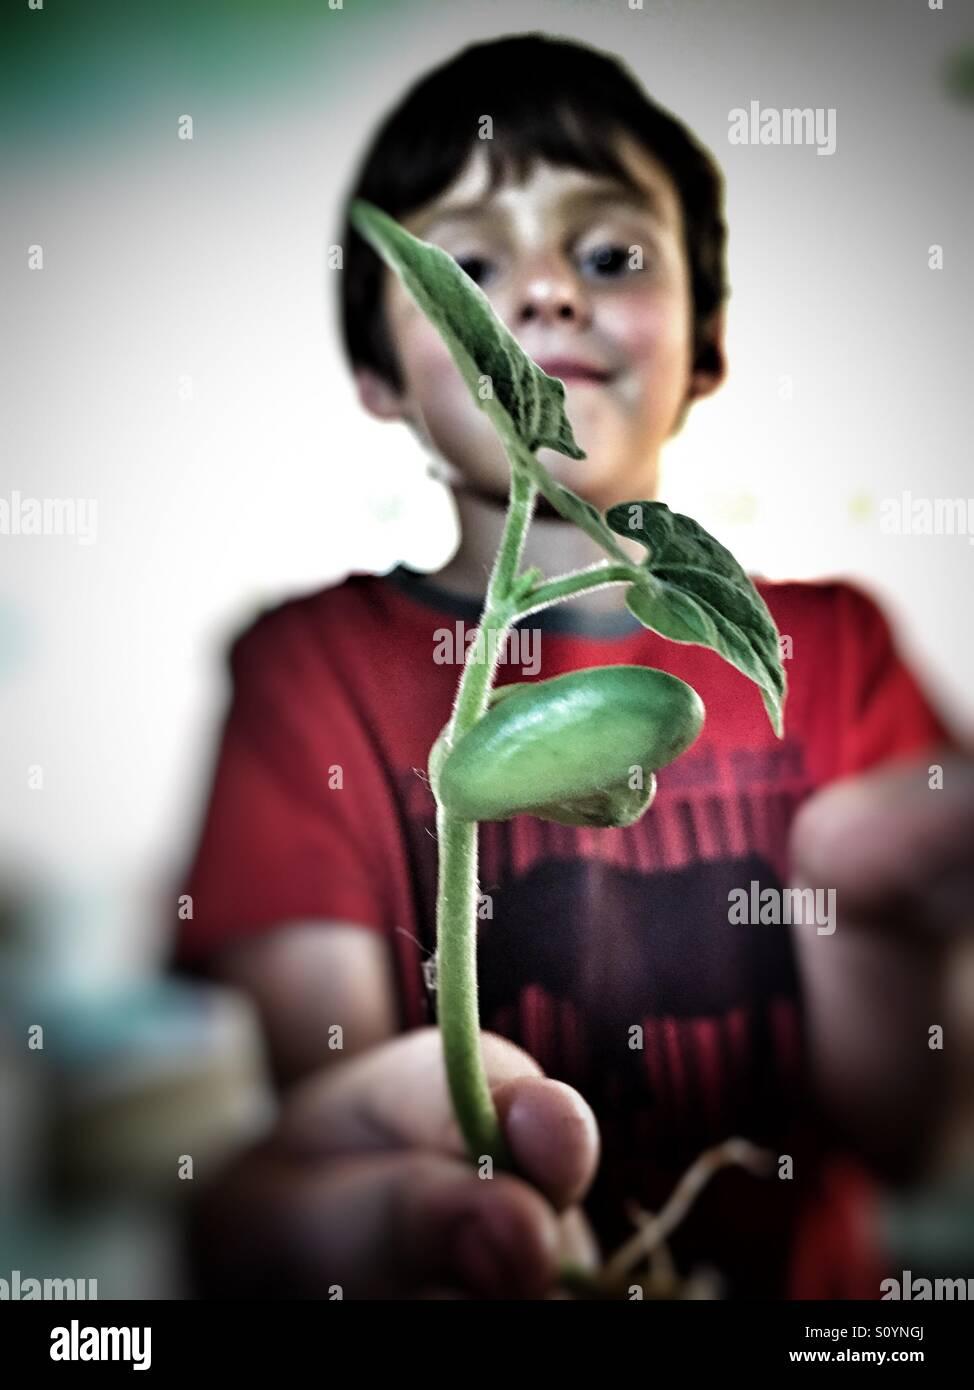 Ragazzo giovane attorno alla pianta di germogli di soia Immagini Stock